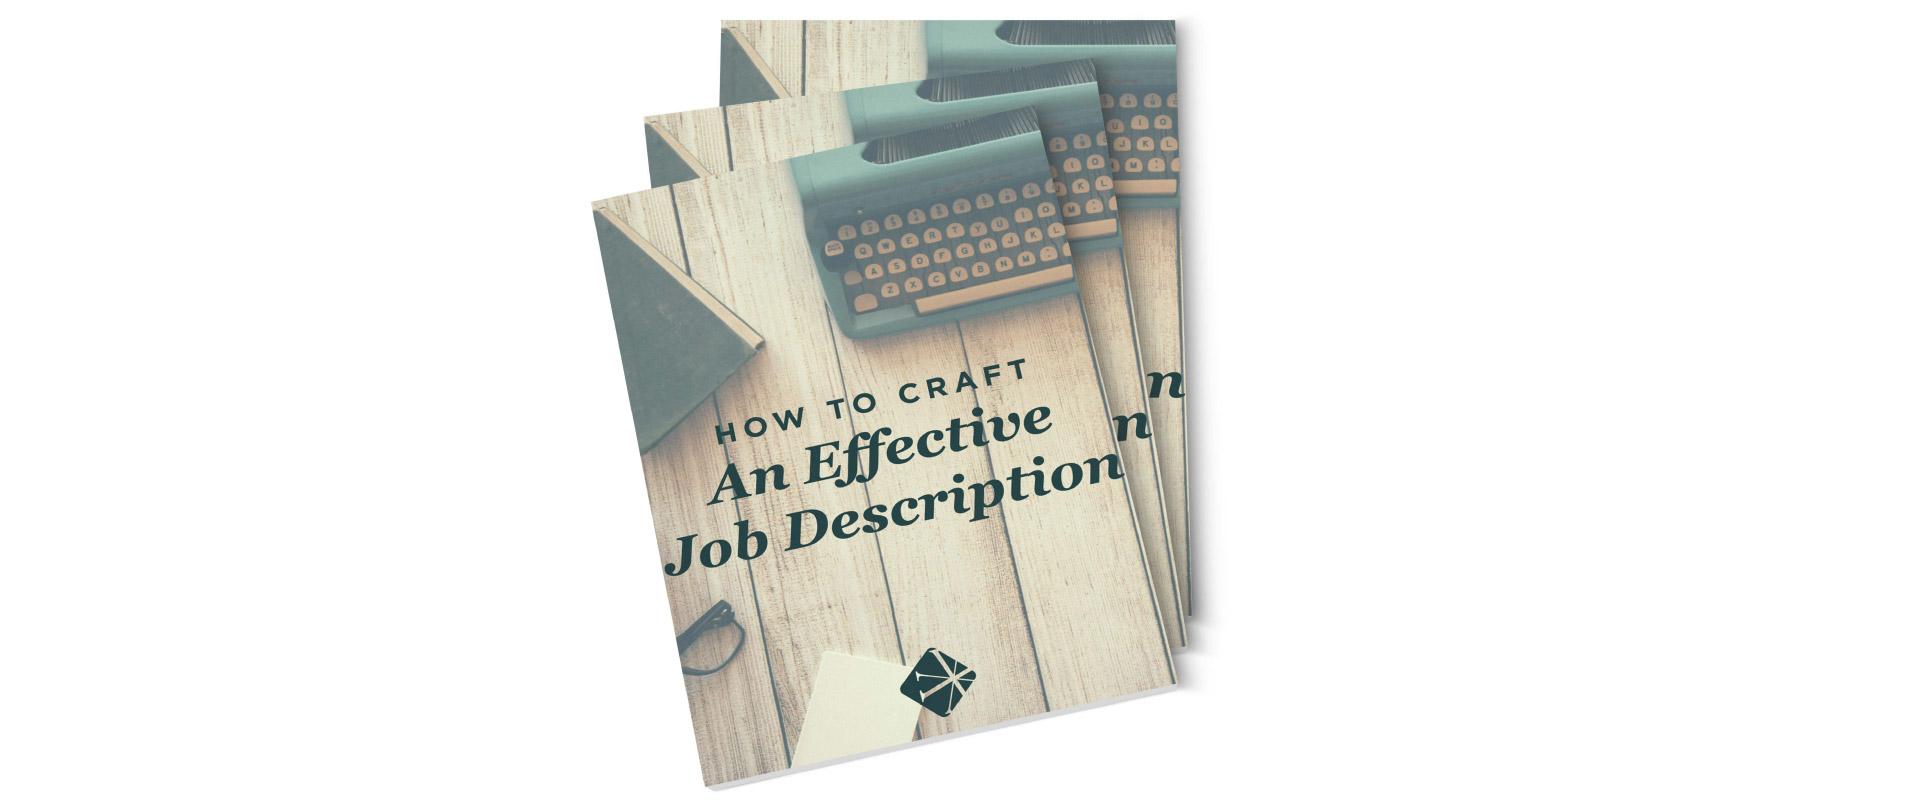 JobDescription-hero.jpg